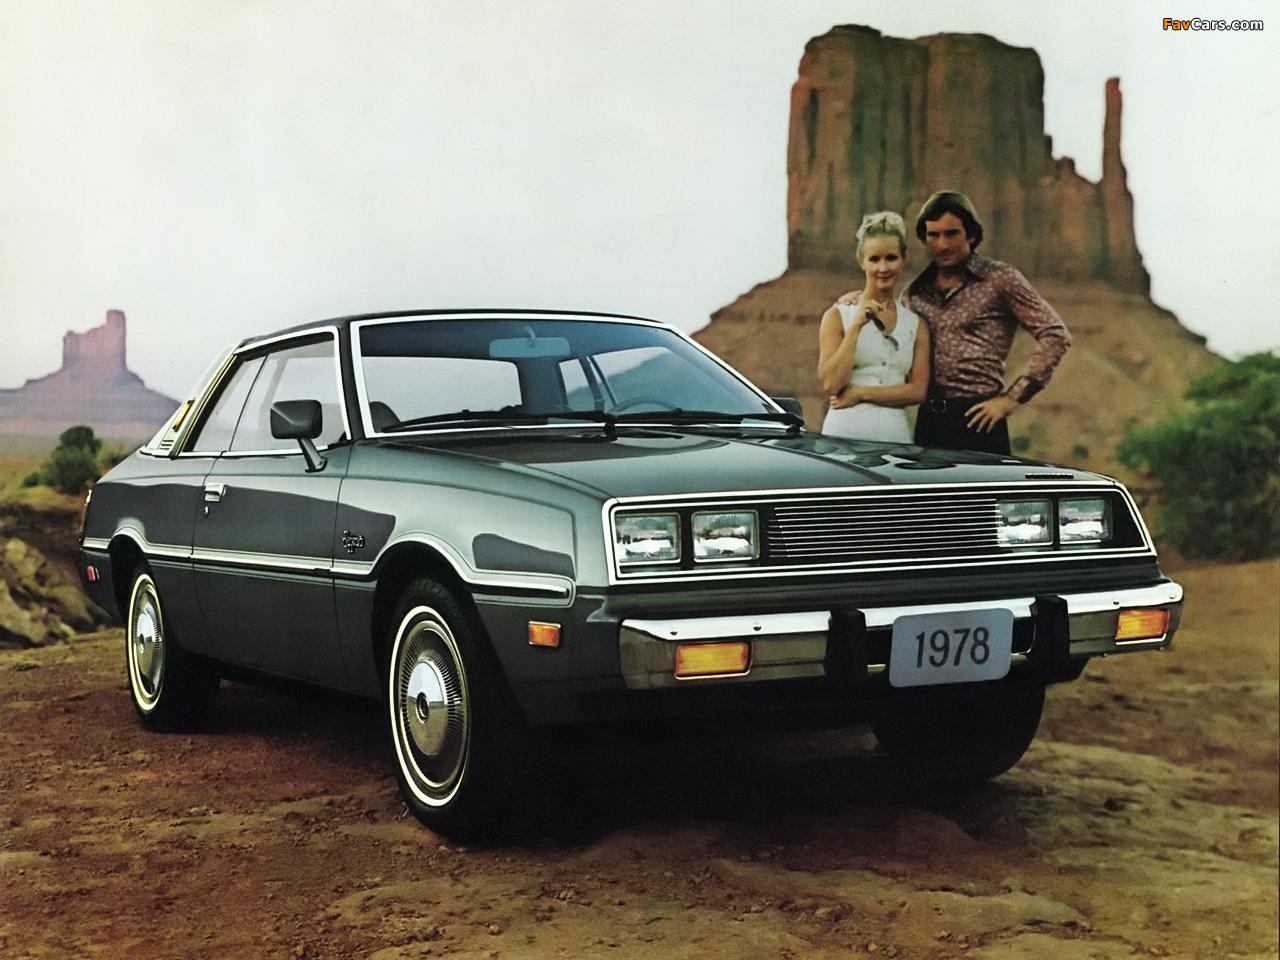 Plymouth Sapporo Coupe (3H29) 1978 photos (1280 x 960)